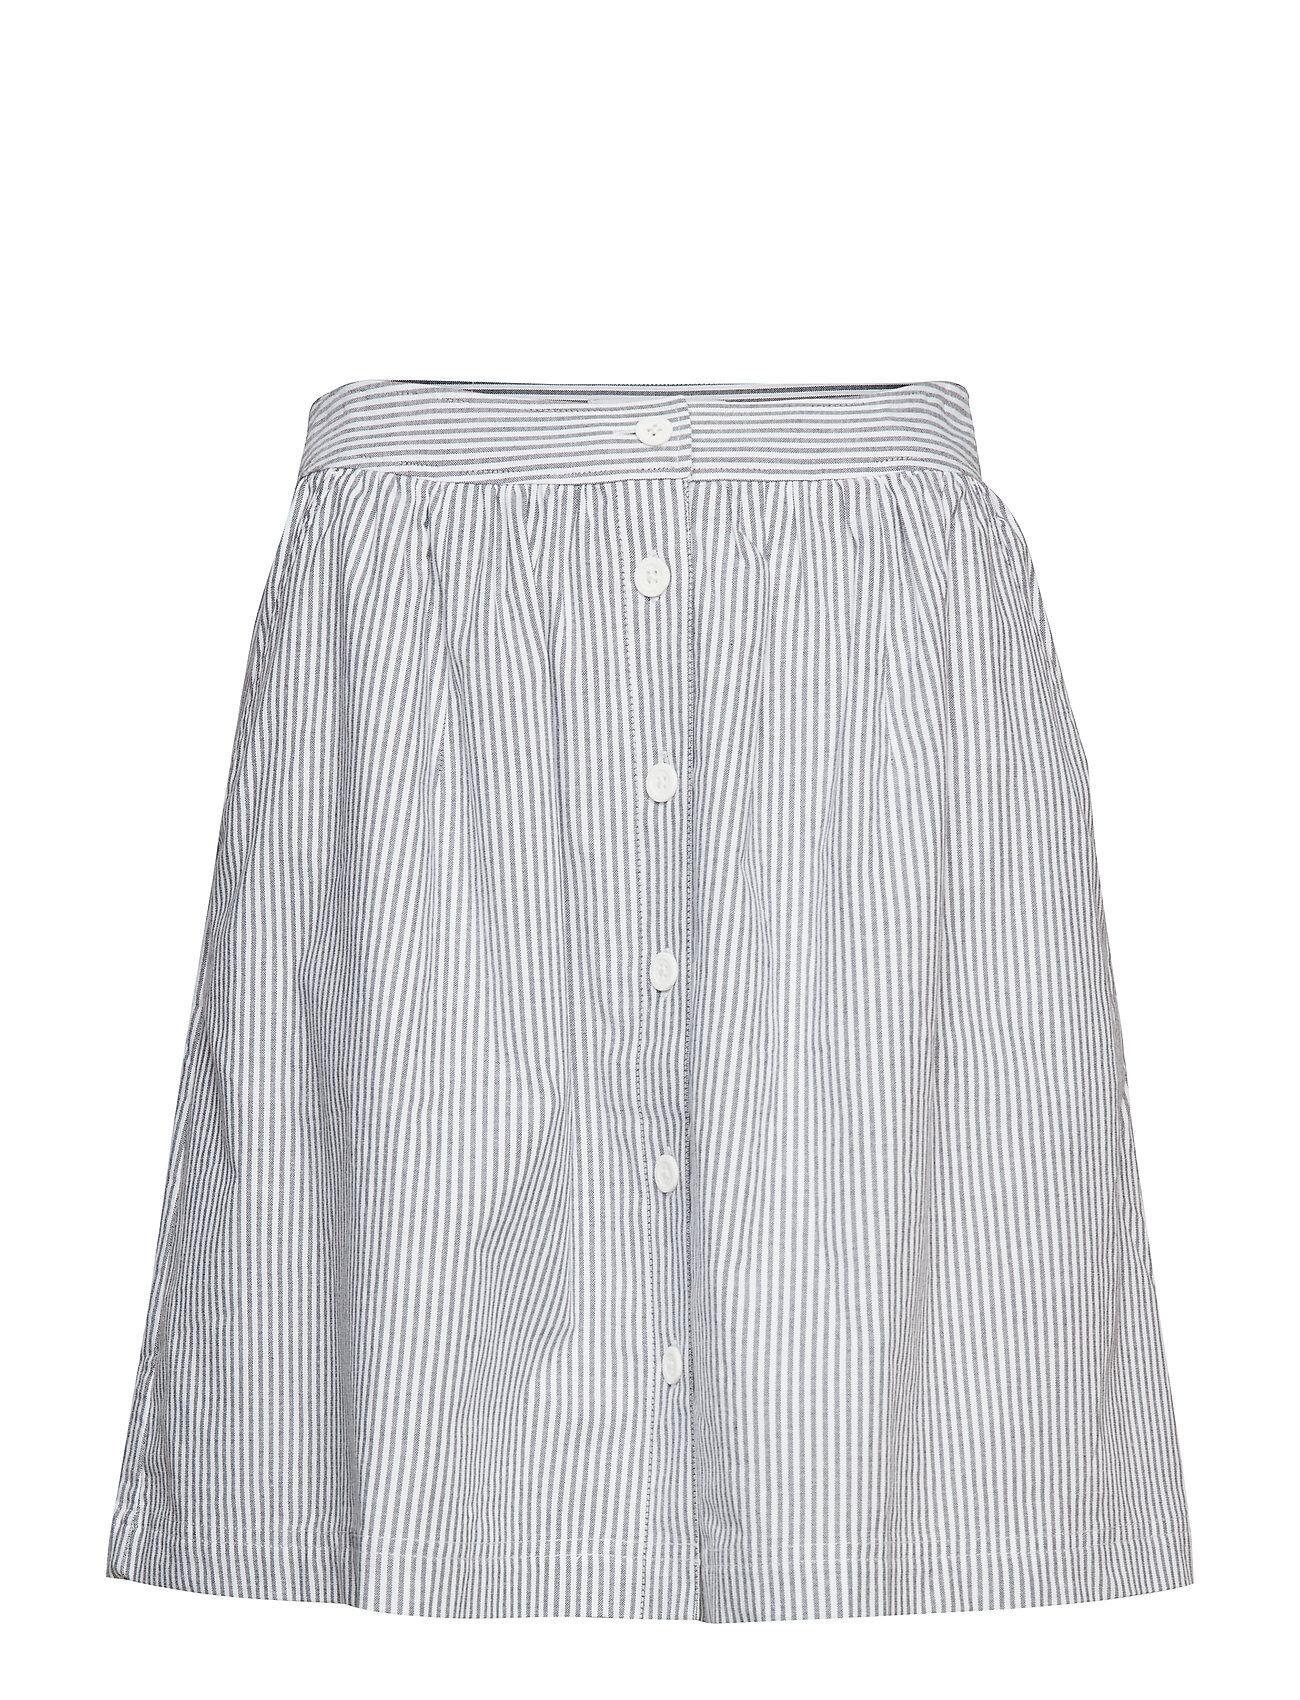 Image of Calvin Oxford Short Skirt Lyhyt Hame Valkoinen Calvin Klein Jeans